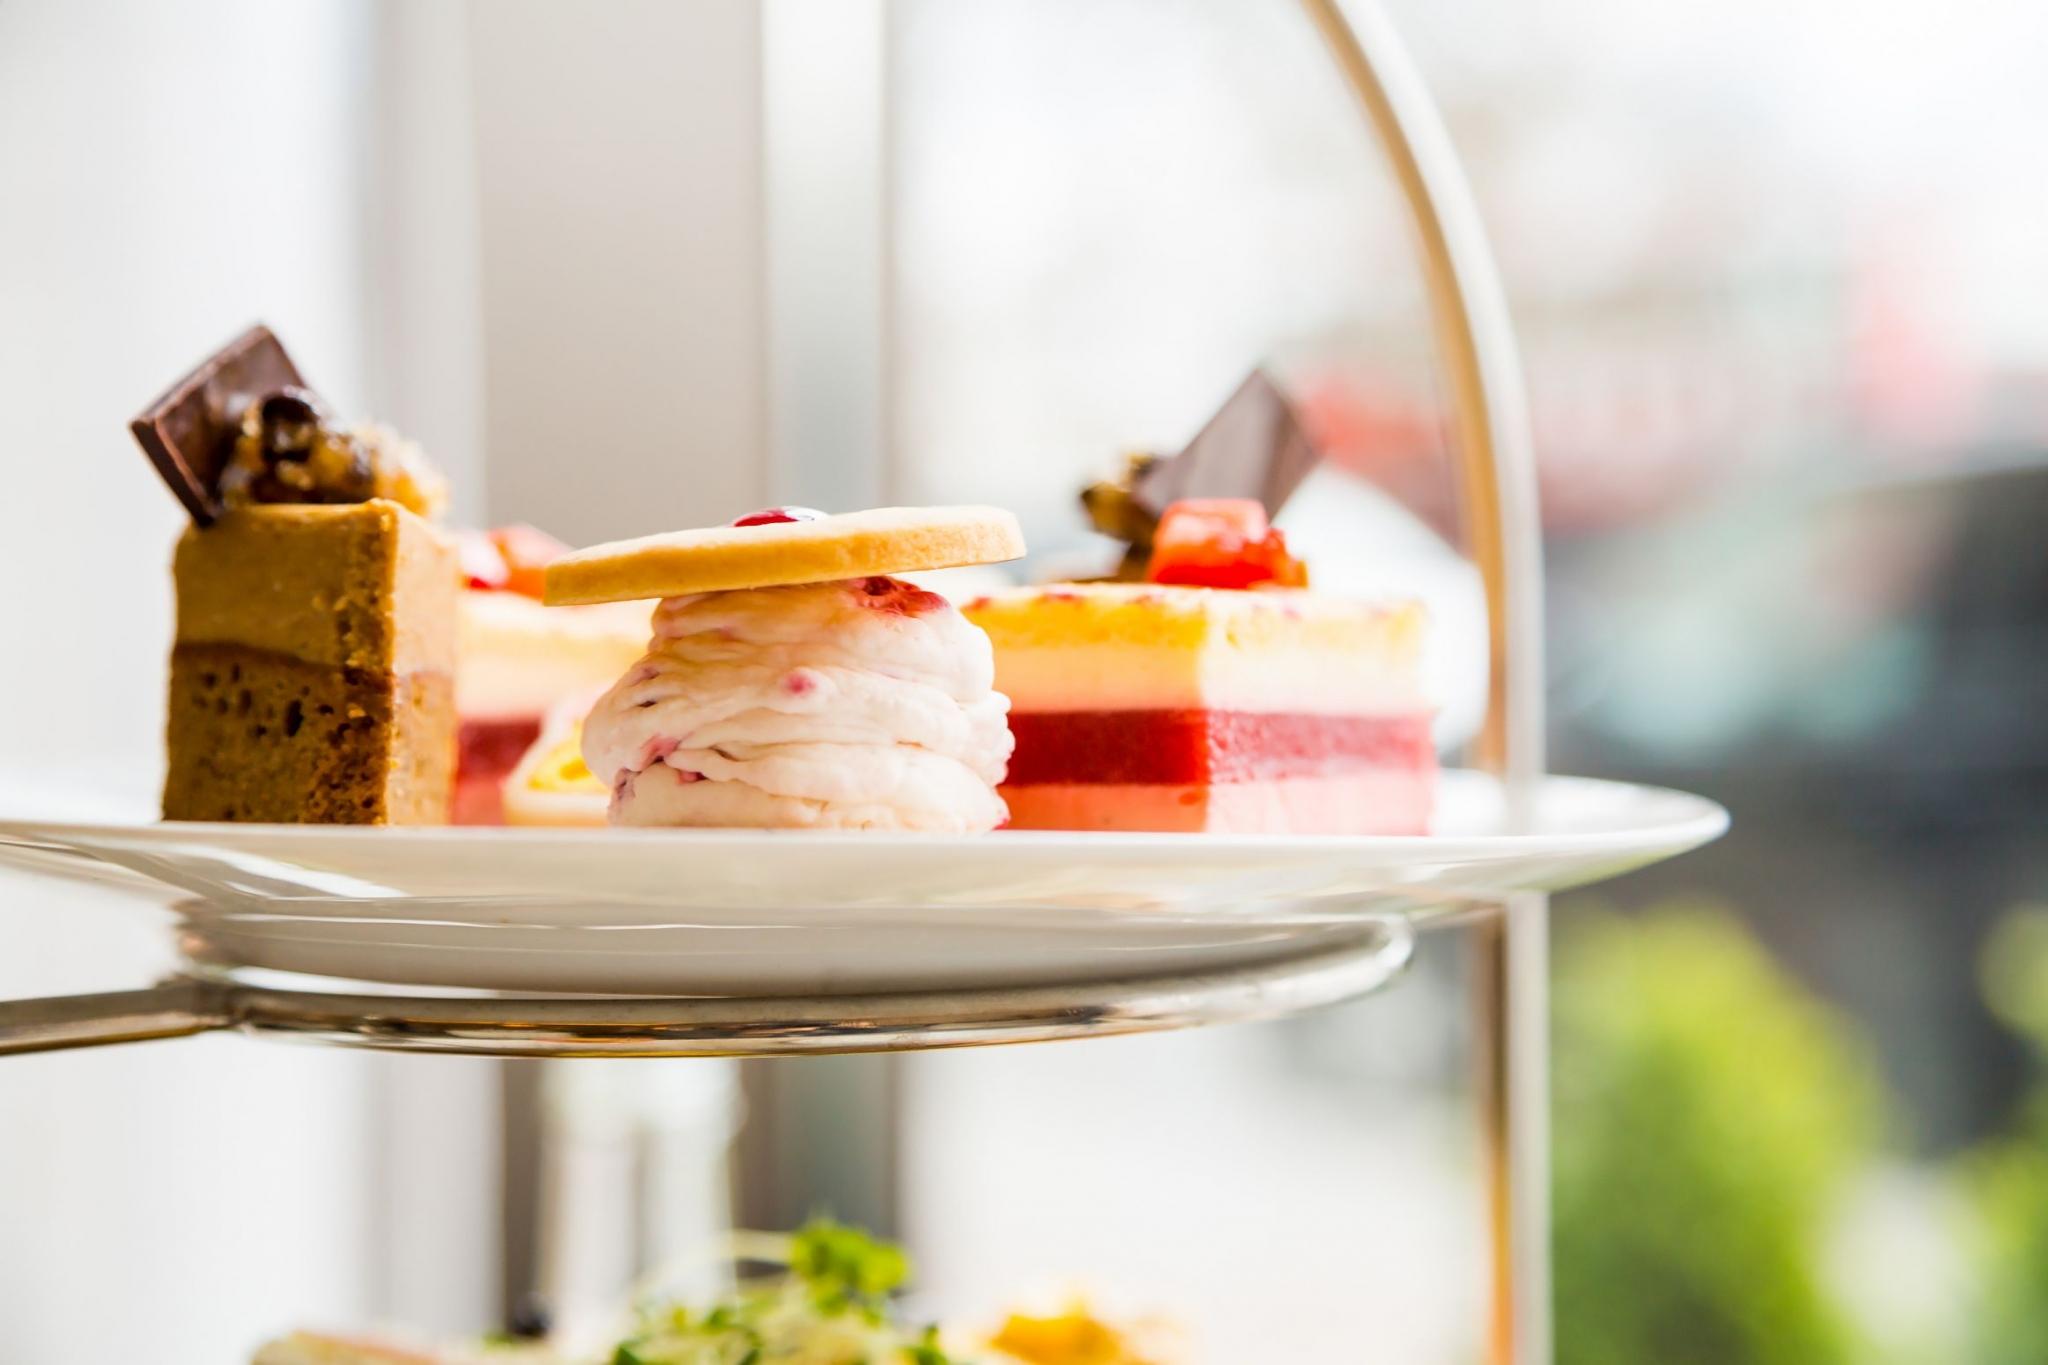 Nahaufnahme von leckeren Desserts beim Afternoontea